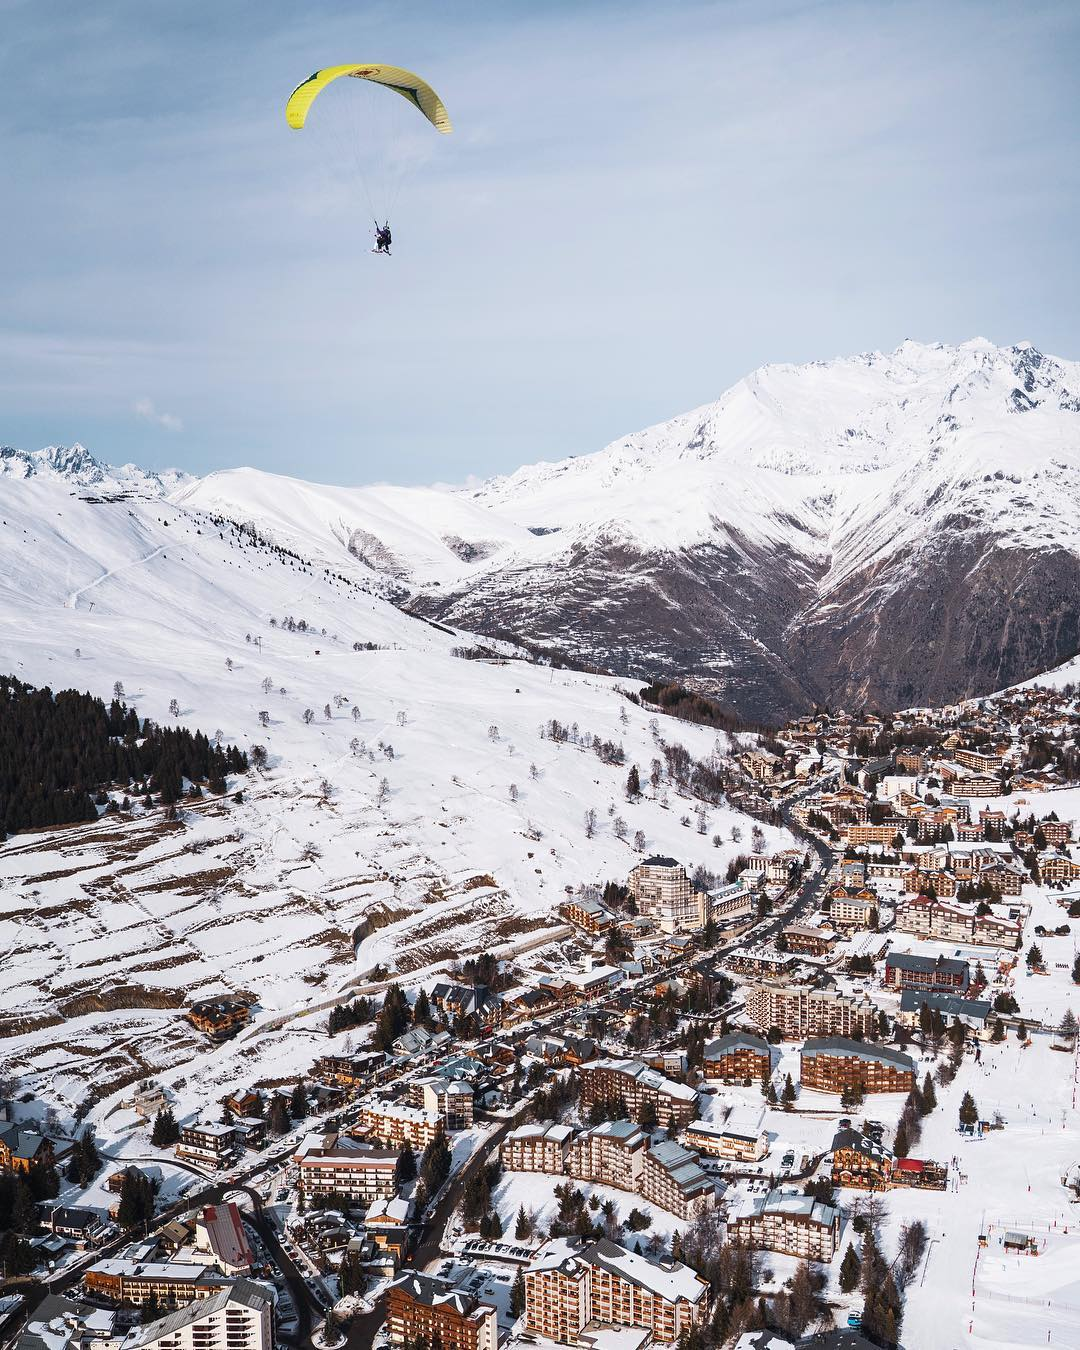 les alpes miasto